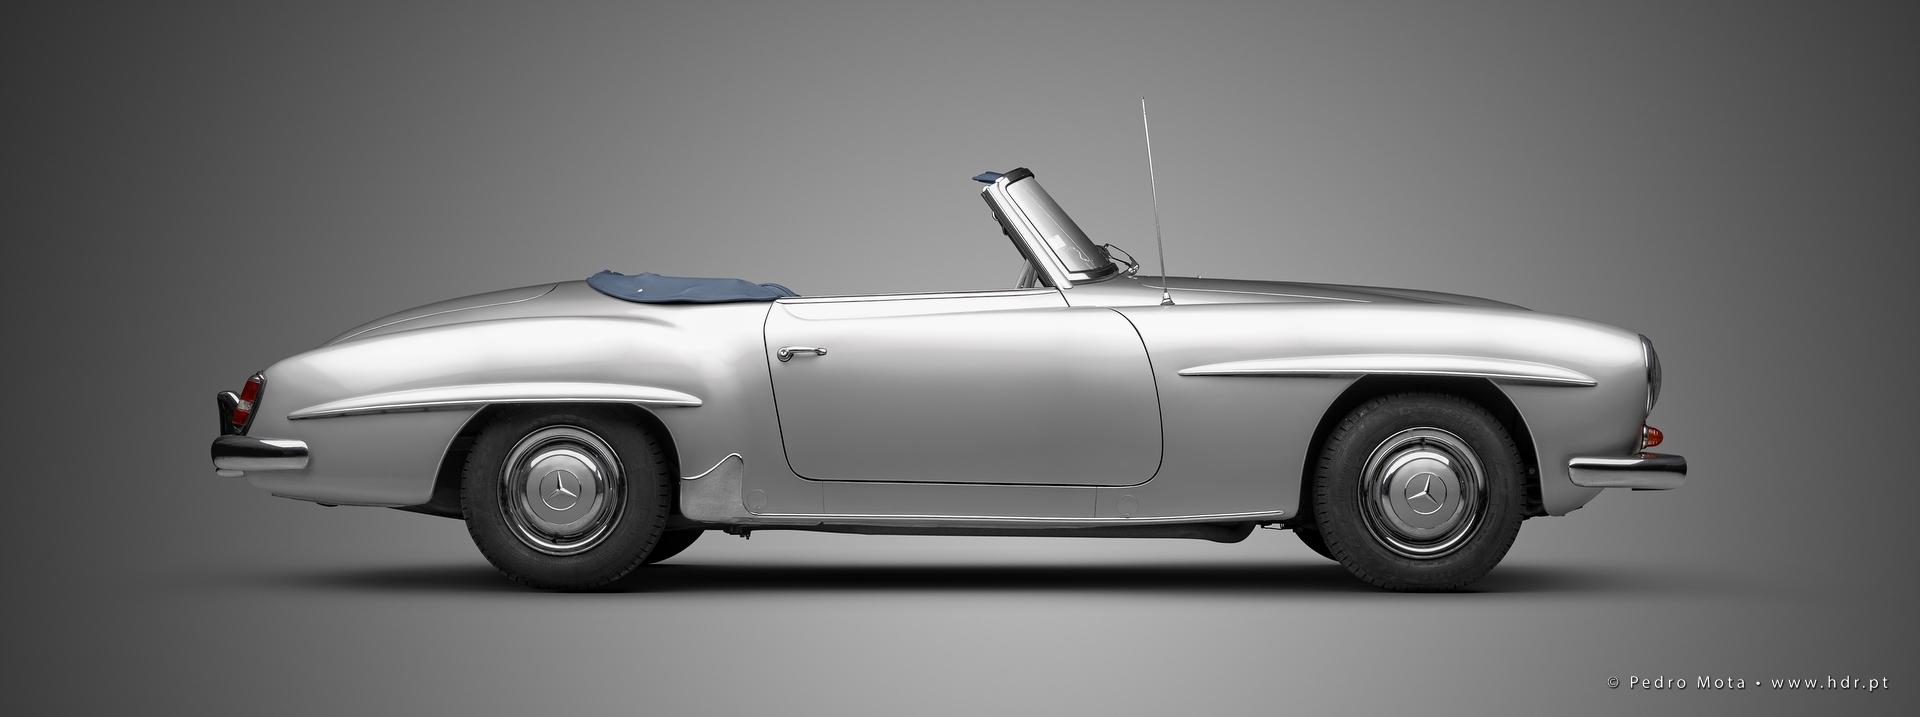 Mercedes benz 190 sl pedro mota fotografia automotive for Mercedes benz pt